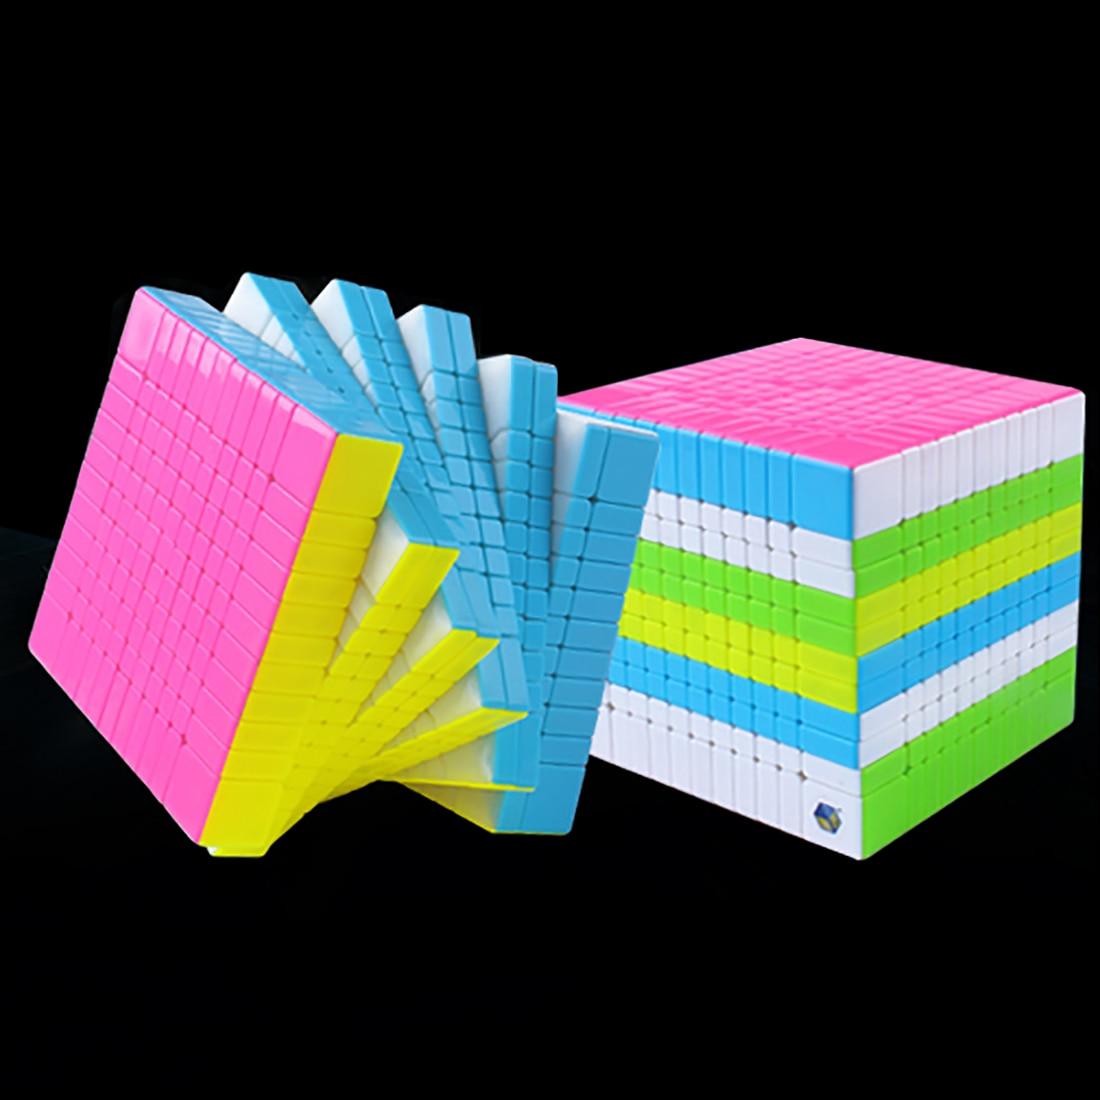 YuXin HuangLong 11x11 Magi Cube